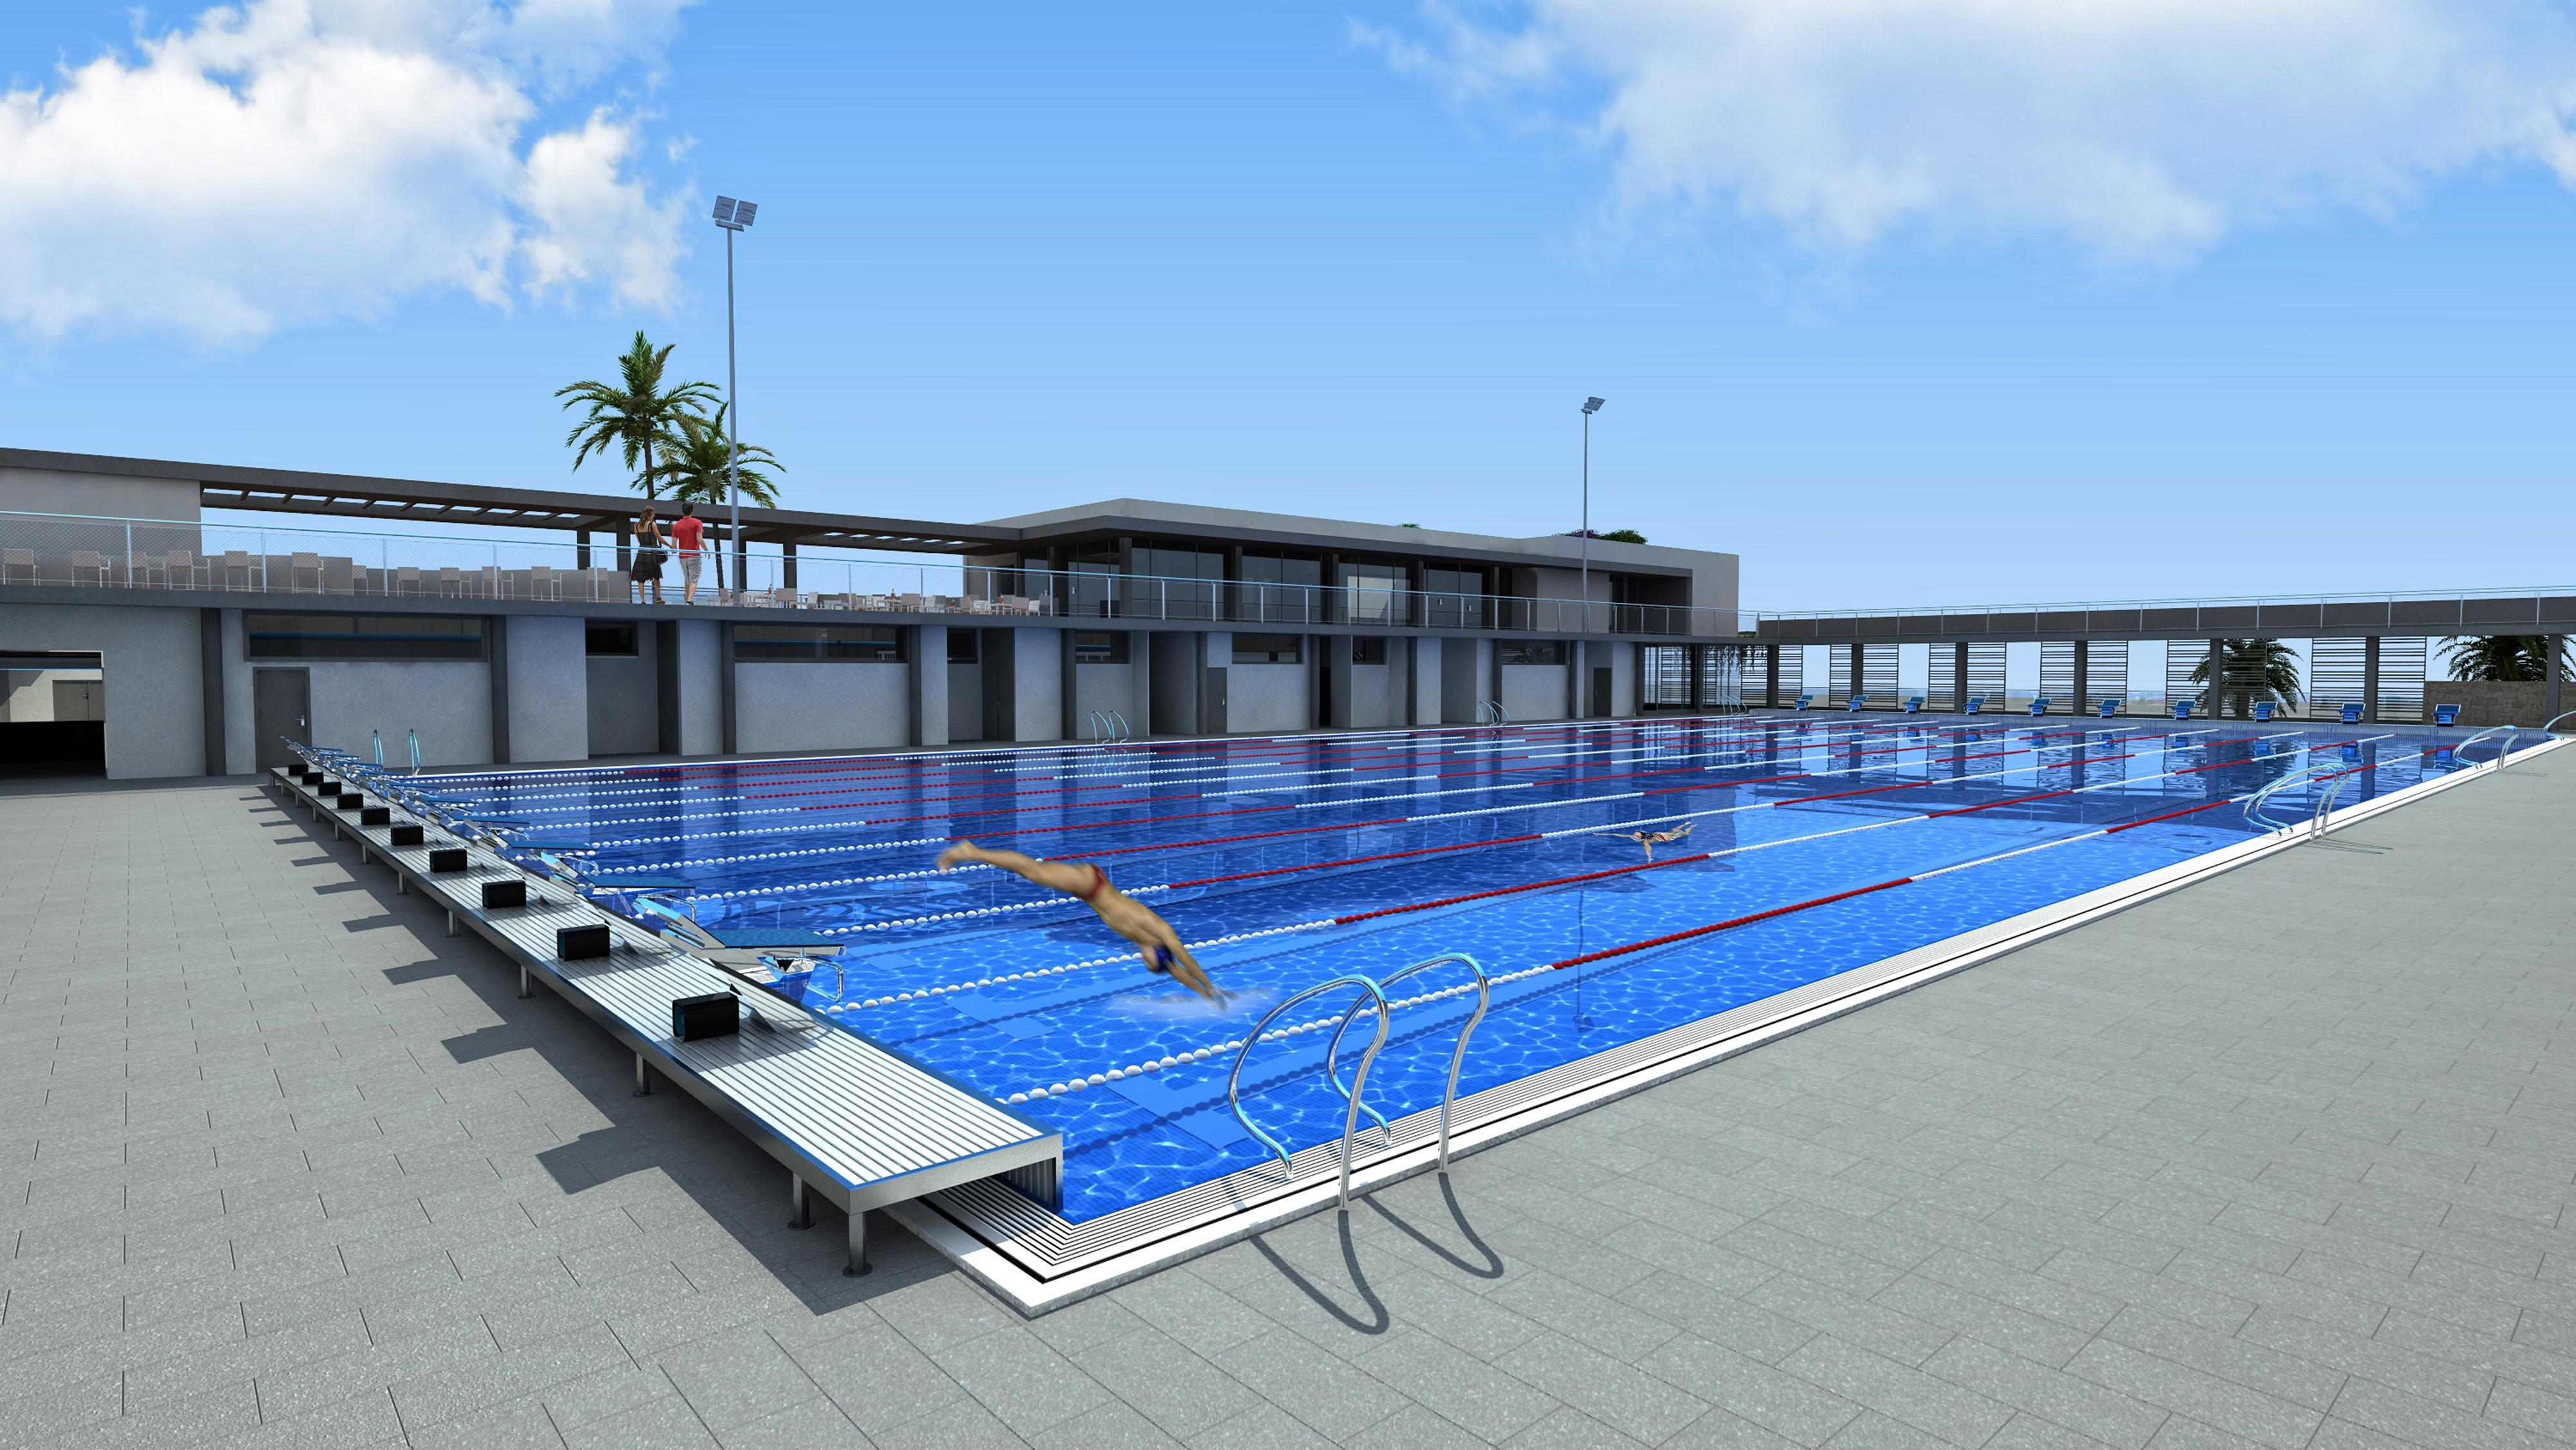 La remodelación de la Ciudad Deportiva Lanzarote, que incluirá una piscina olímpica climatizada, supondrá una inversión de unos 6 millones de euros